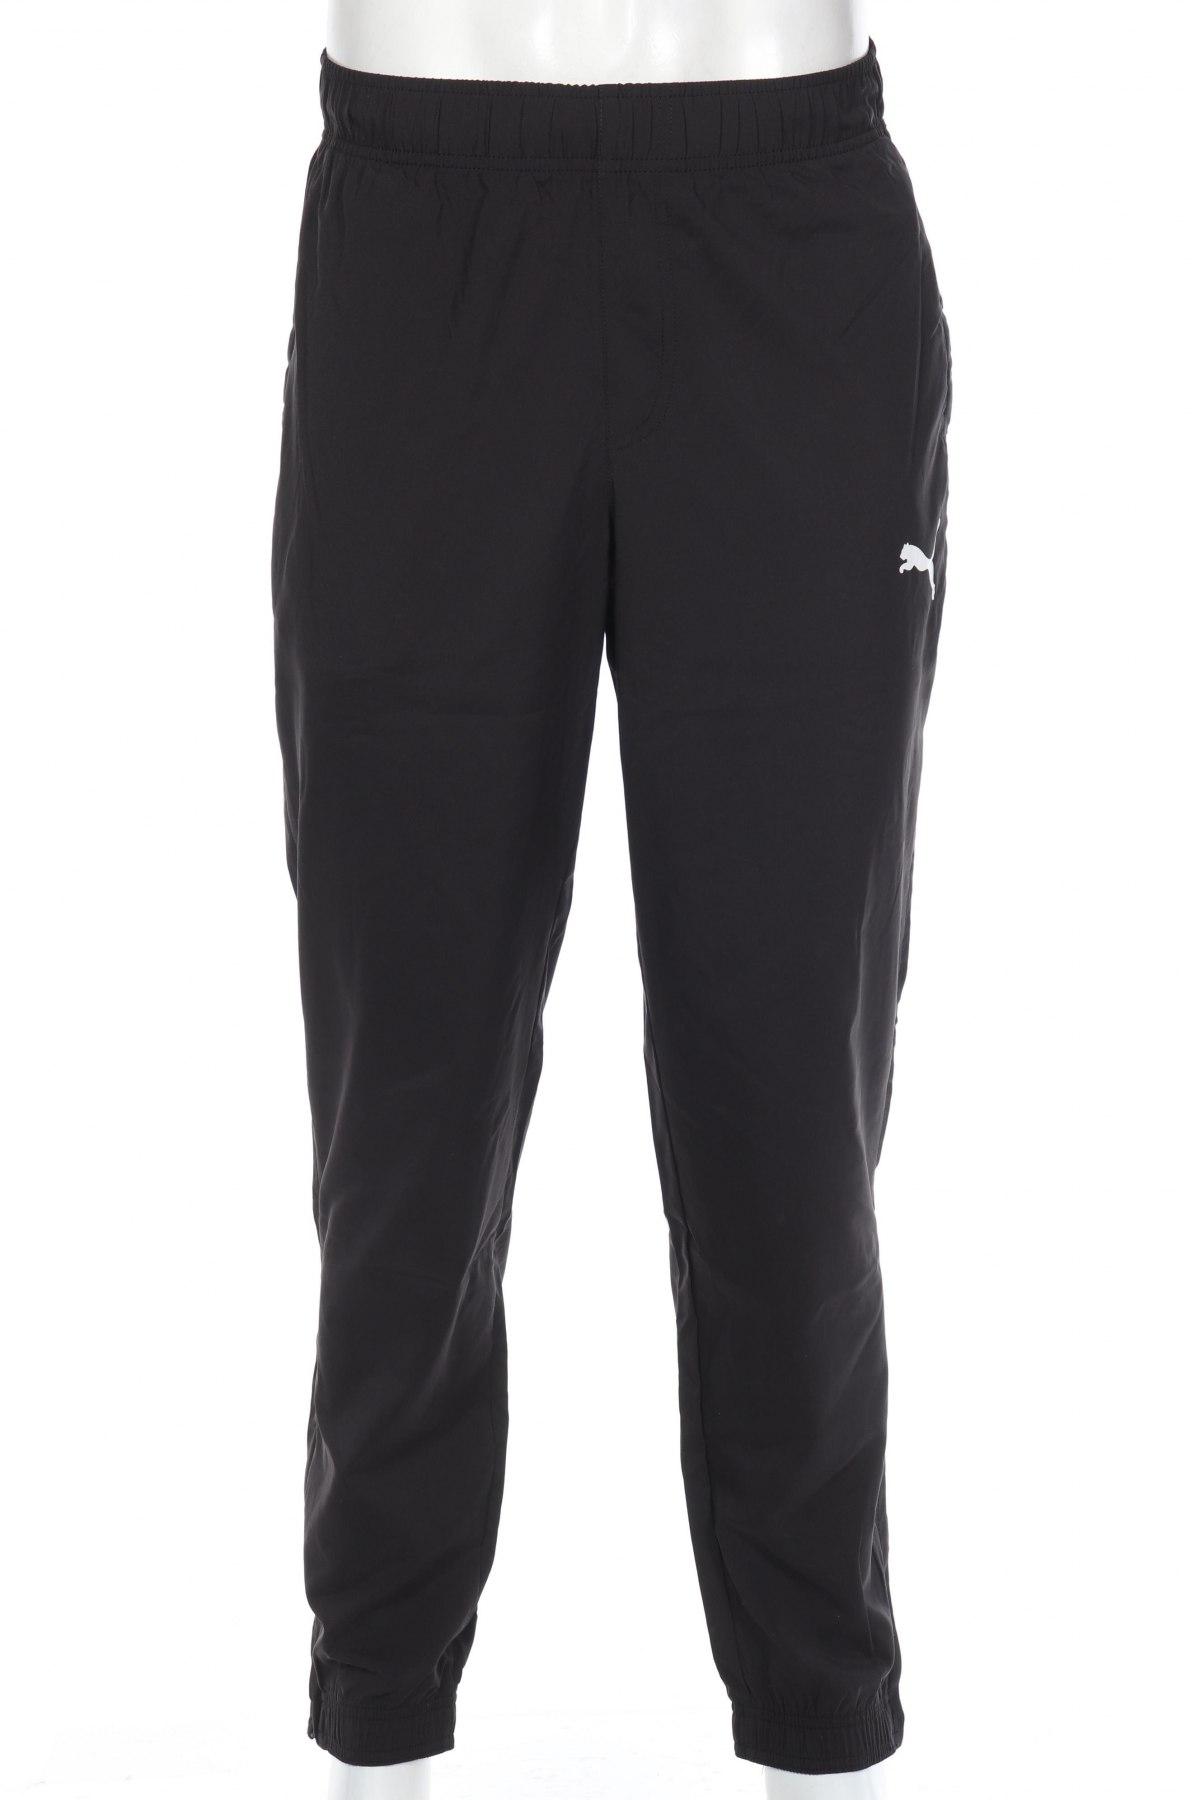 Мъжко спортно долнище PUMA, Размер M, Цвят Черен, Полиестер, Цена 34,30лв.